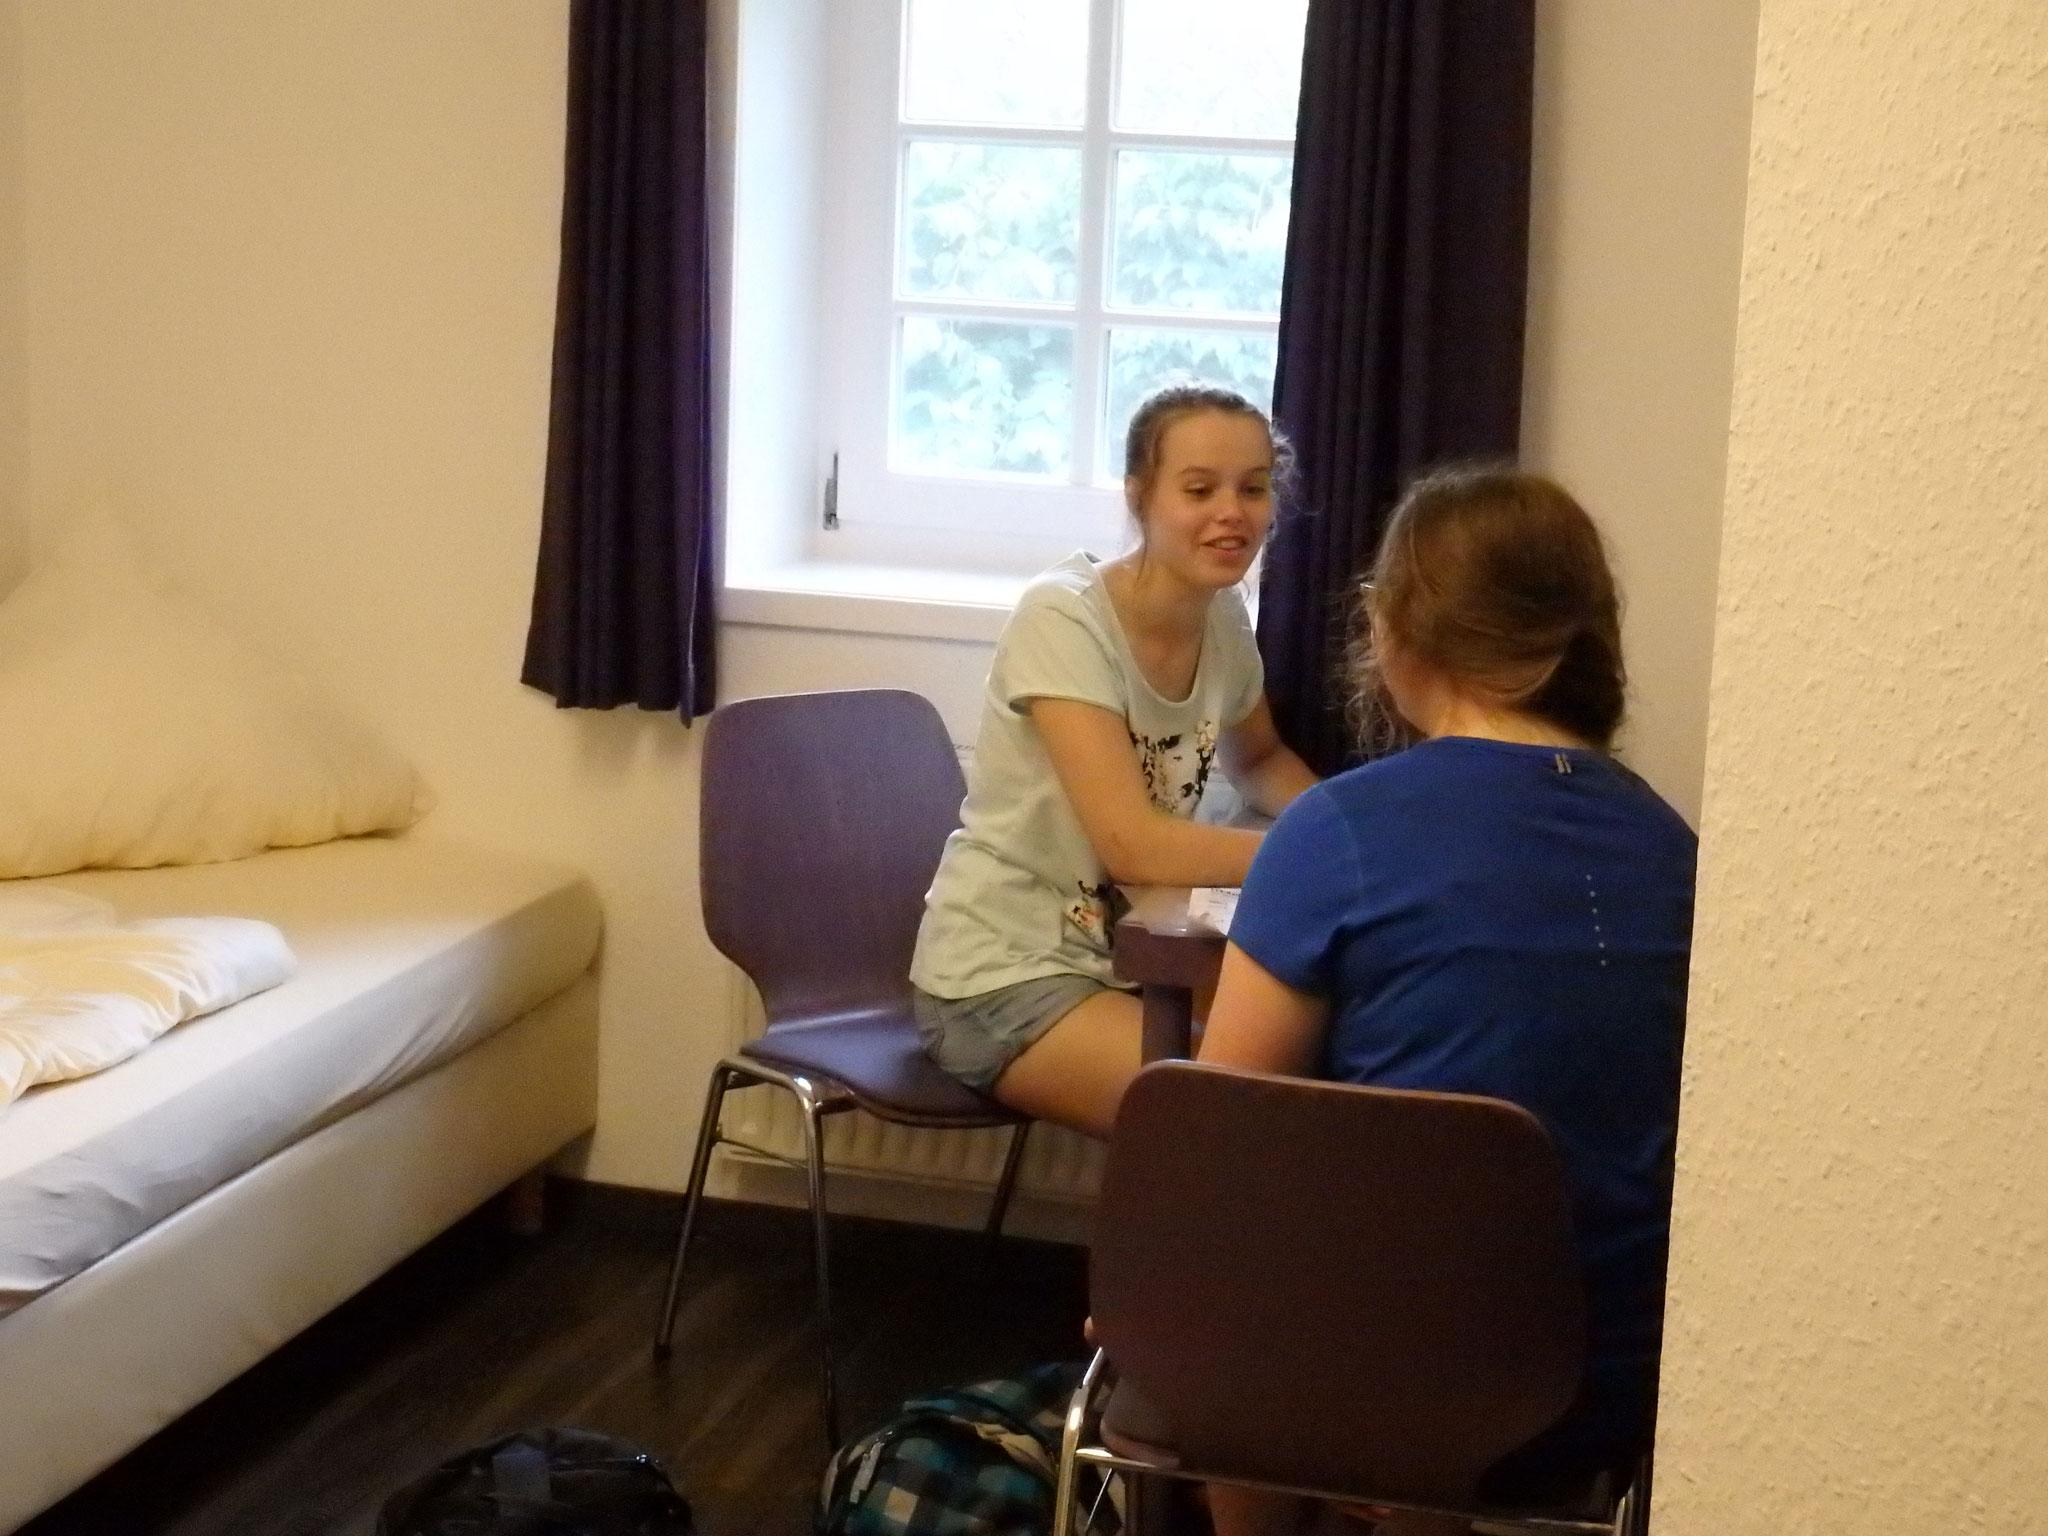 Zimmer 4 (Janne und Annika)